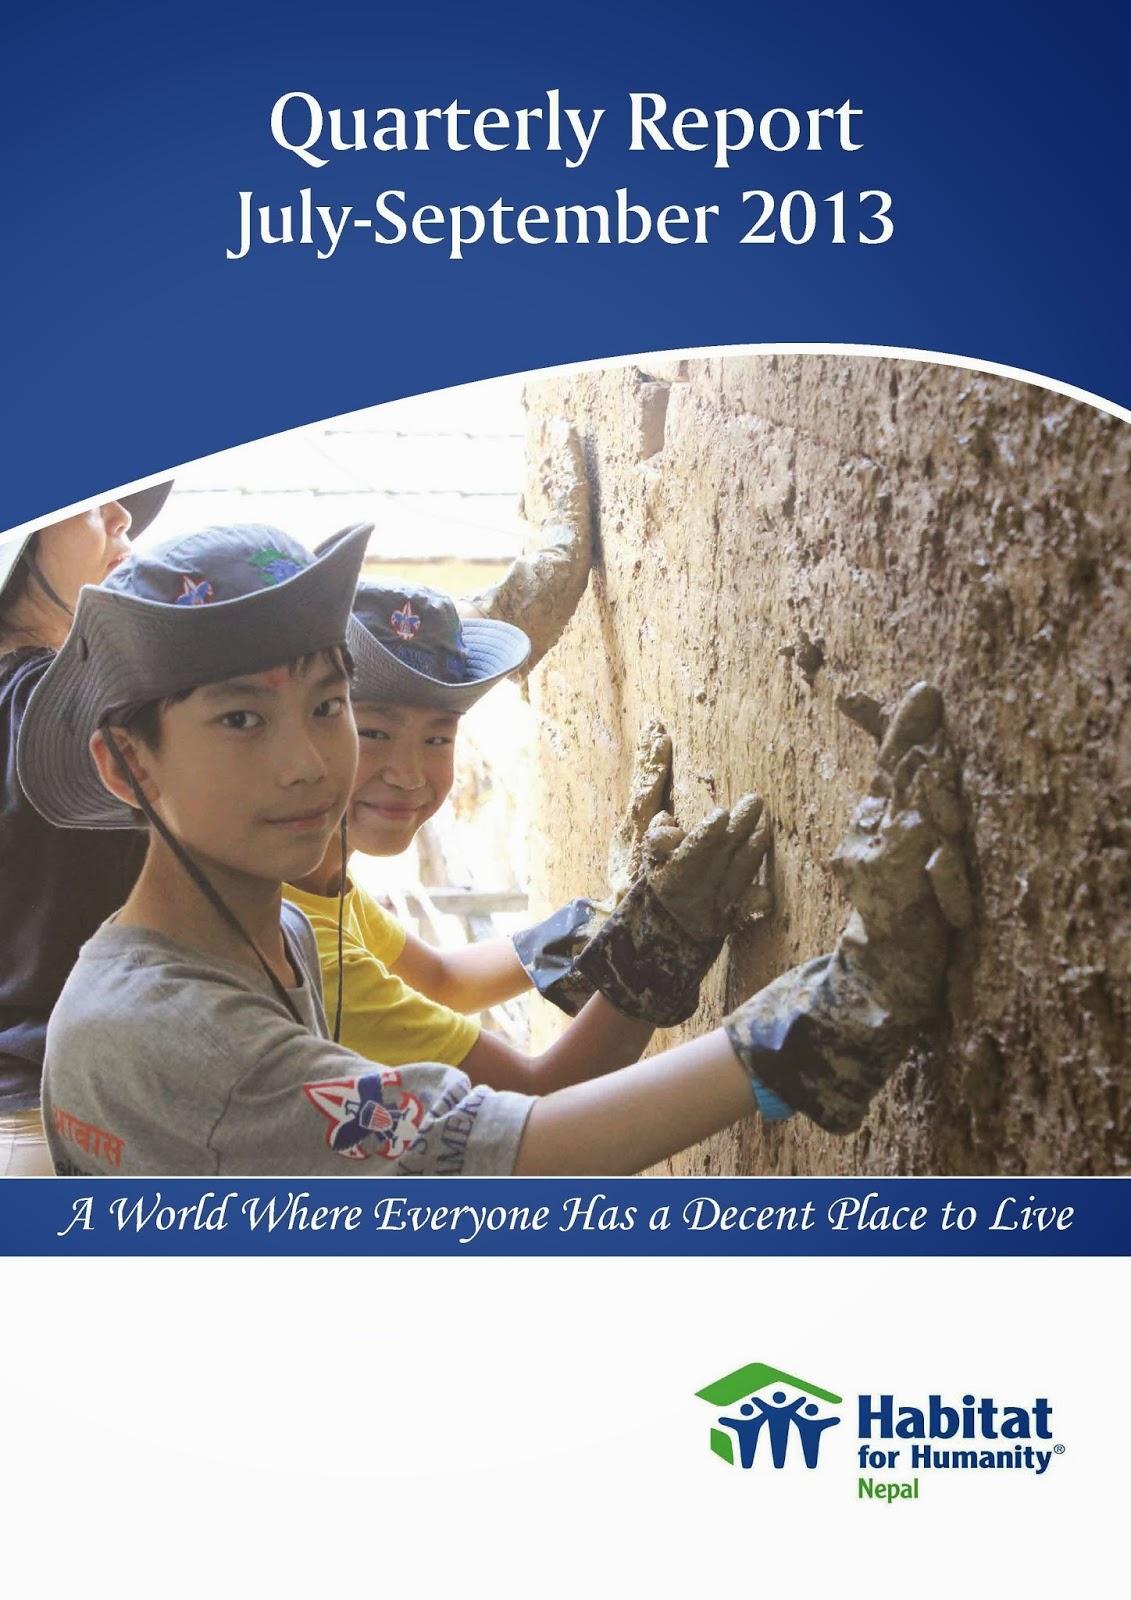 Quarterly Report July-September 2013